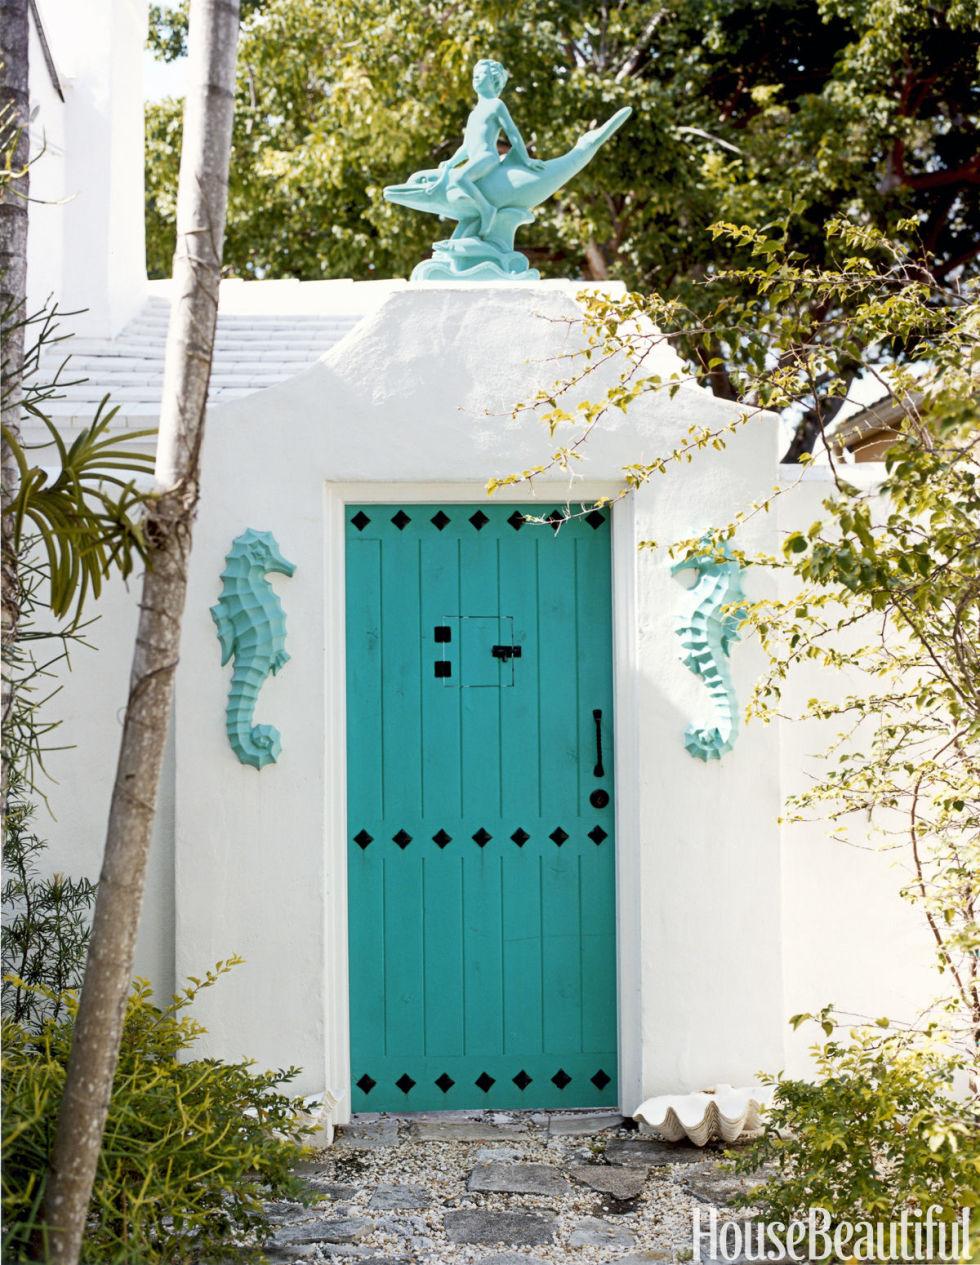 Painted front door designs - Painted Front Door Designs 23